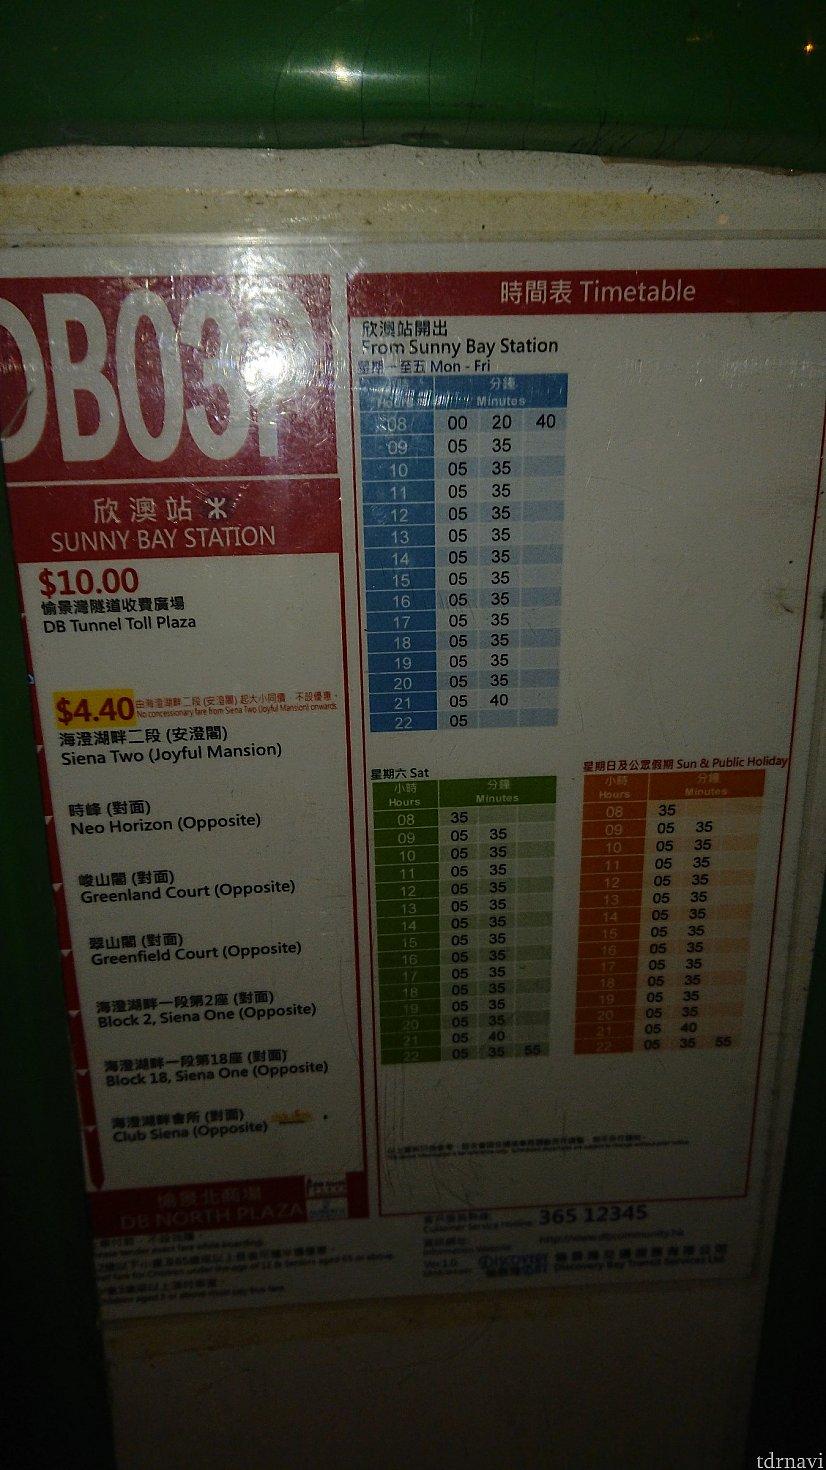 サニーベイ駅のNorthplaza行きのバス時刻表